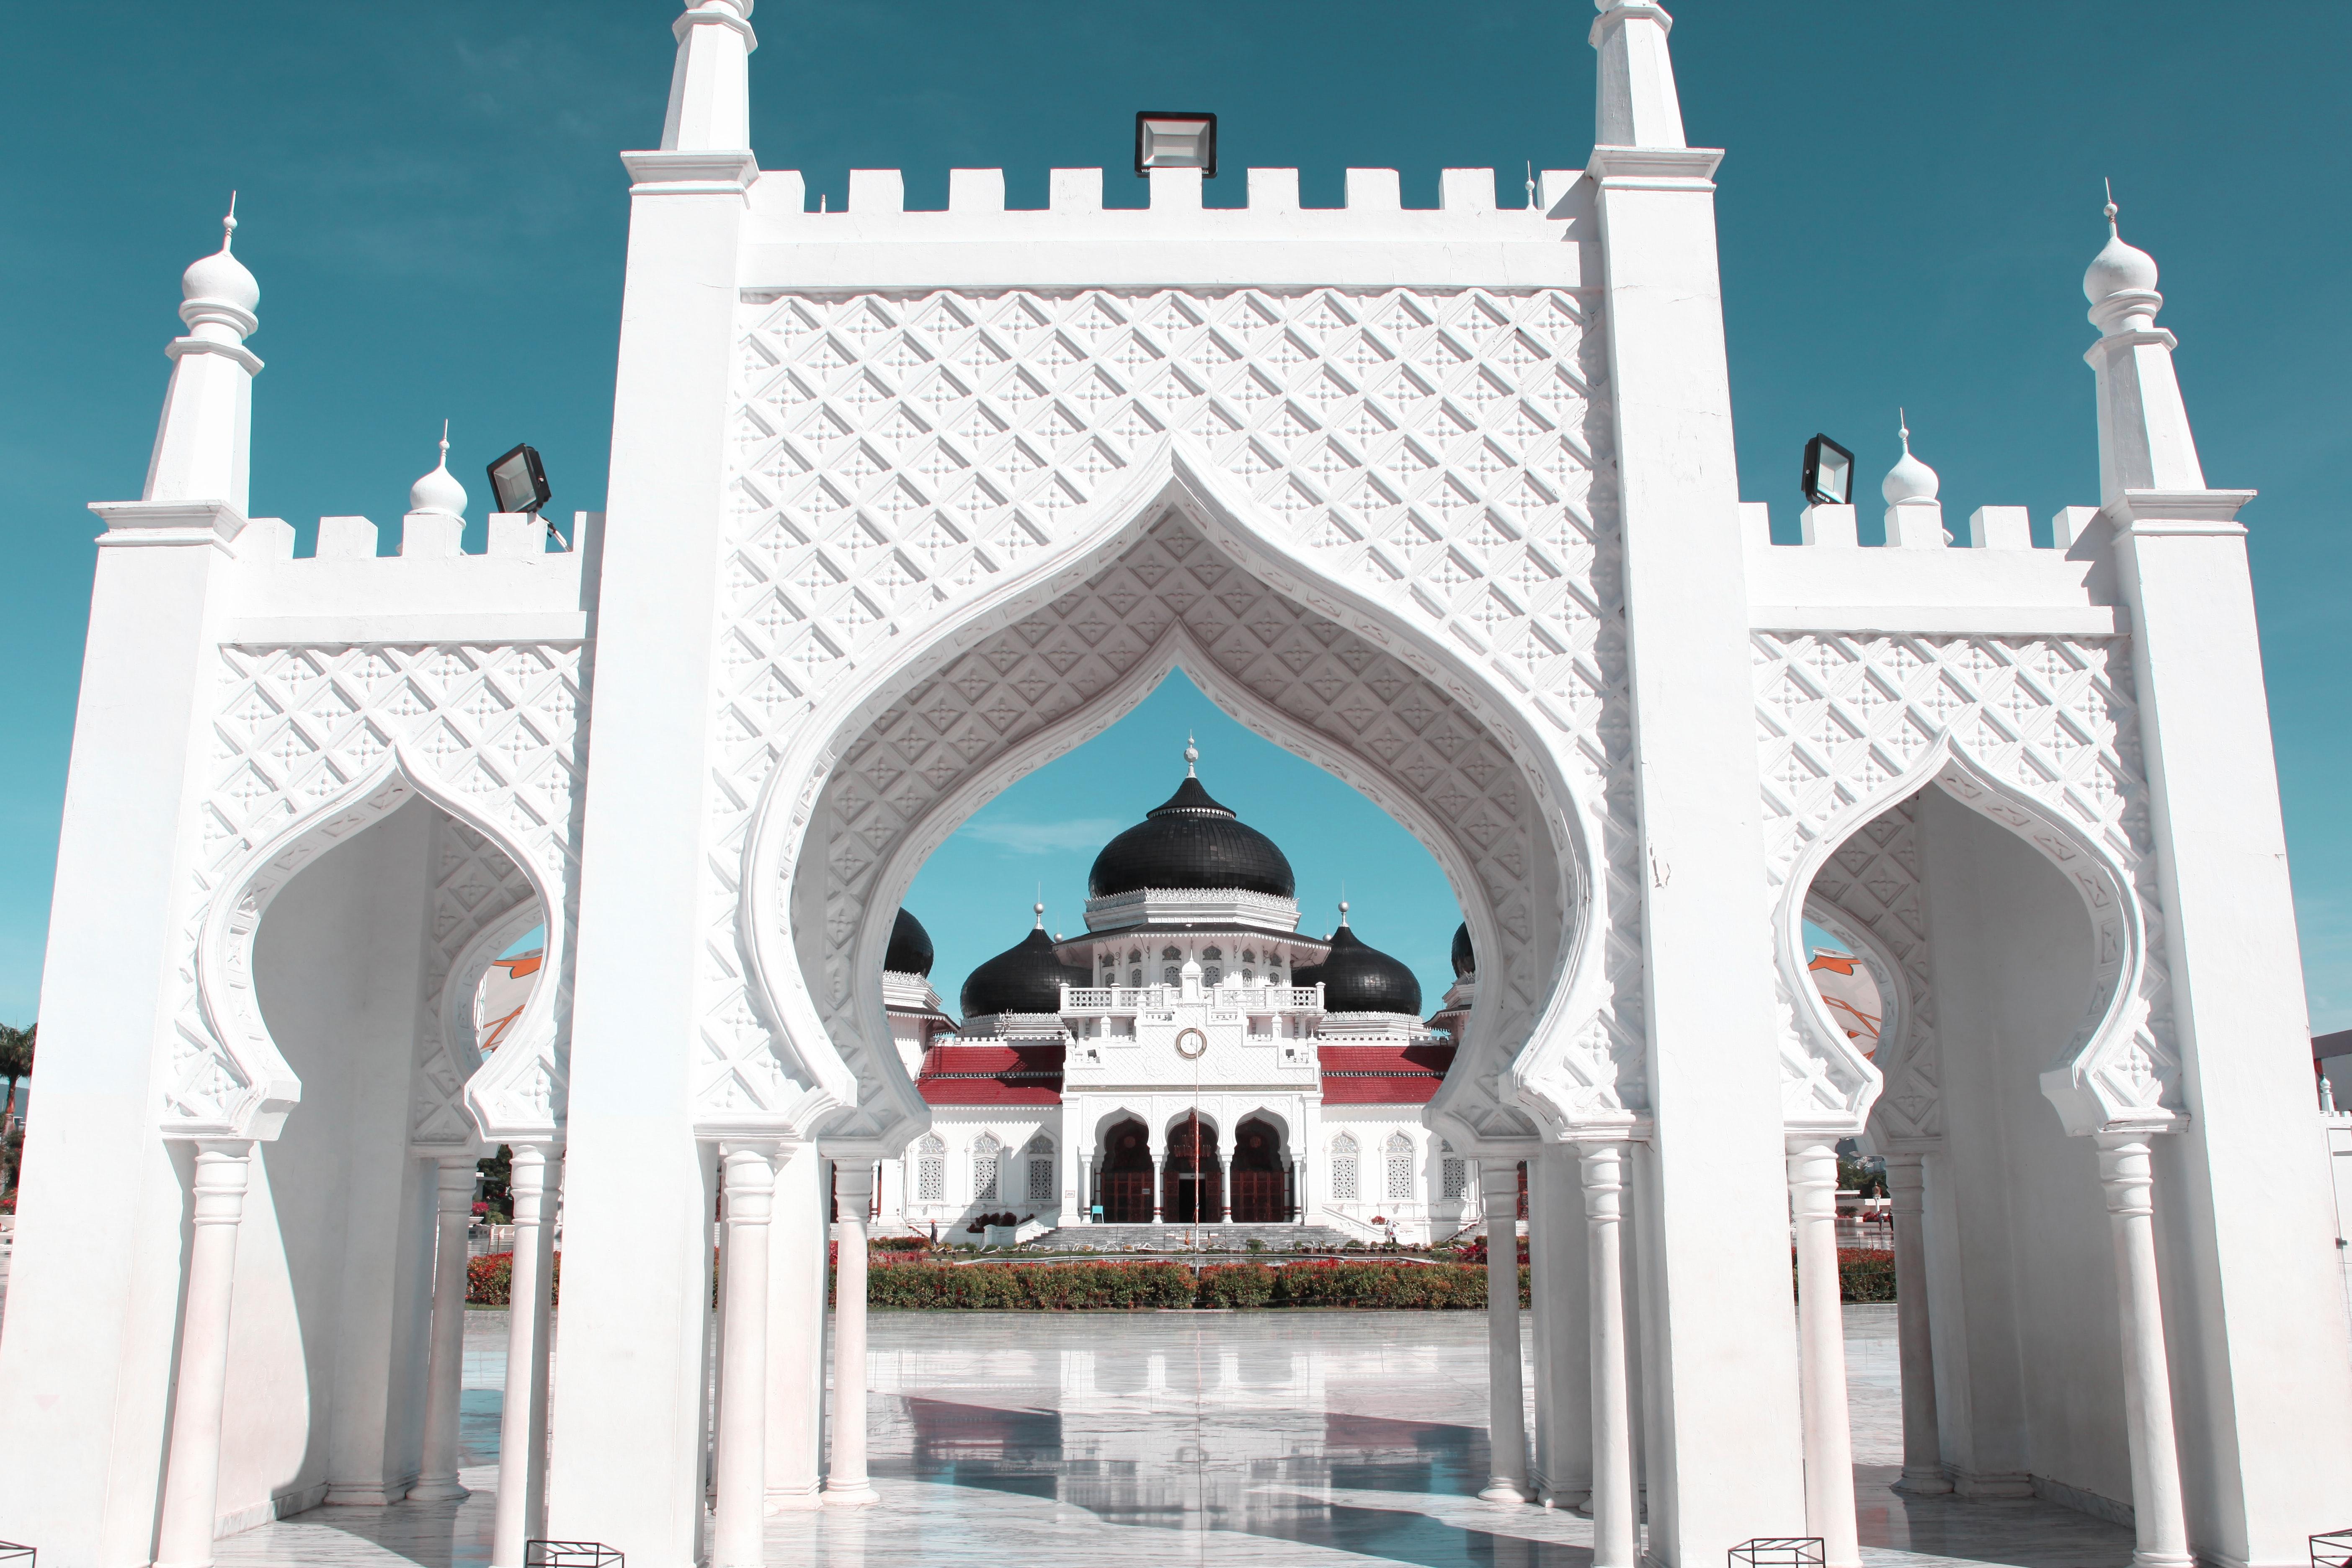 Doa Masuk Masjid Lengkap dengan Arab, Latin, dan Terjemahannya